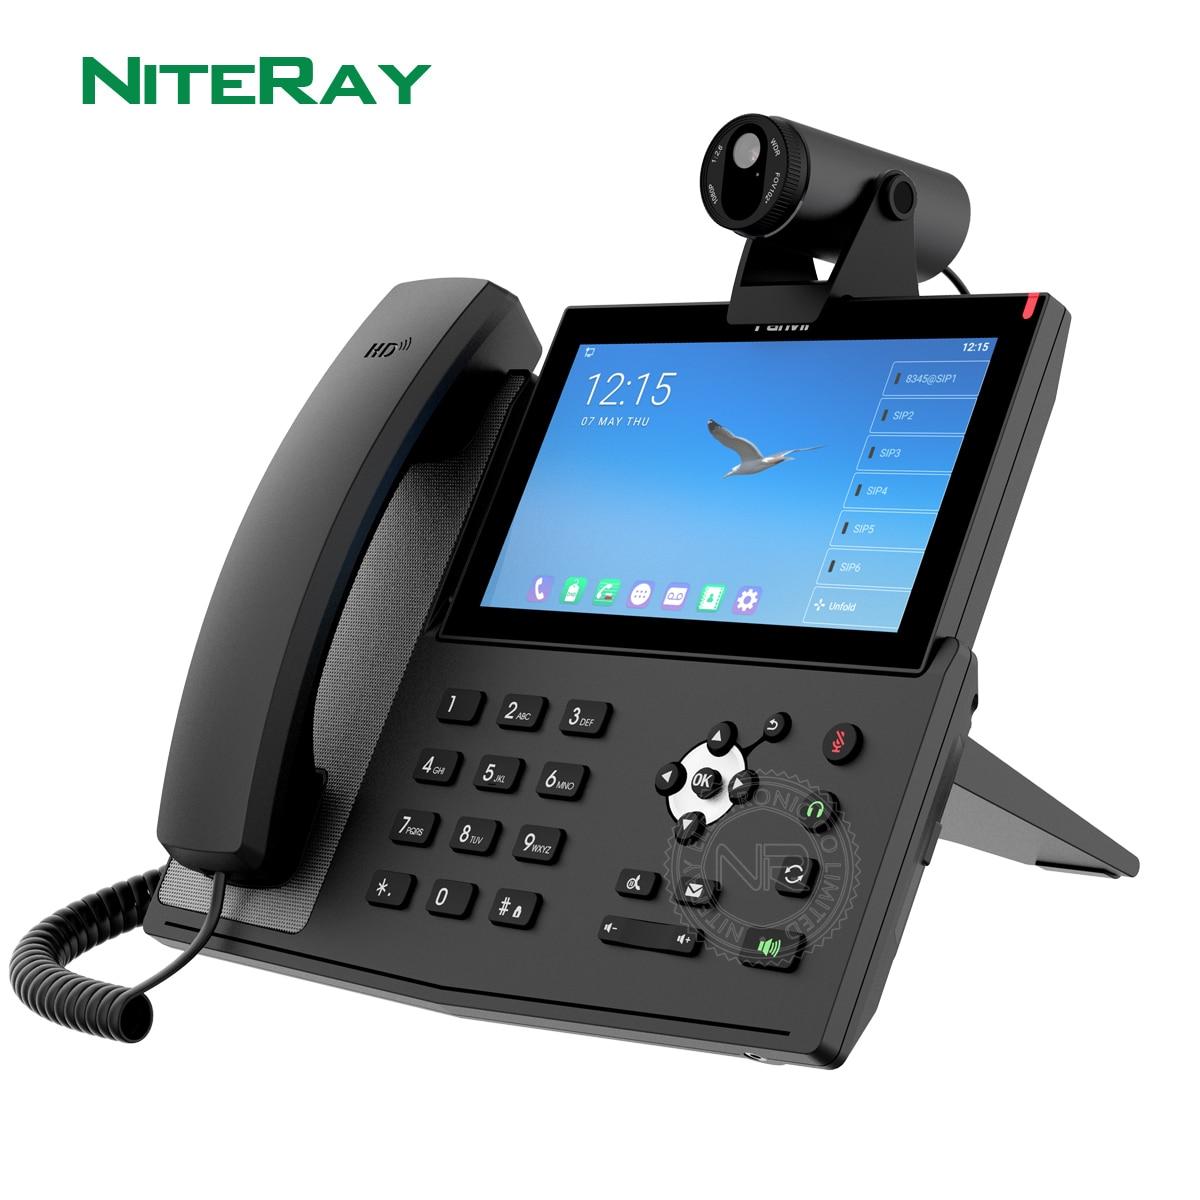 فانفيل الهاتف عبر بروتوكول الإنترنت X7A أندرويد فيديو 6 خطوط رشفة اتصال لاسلكي واي فاي